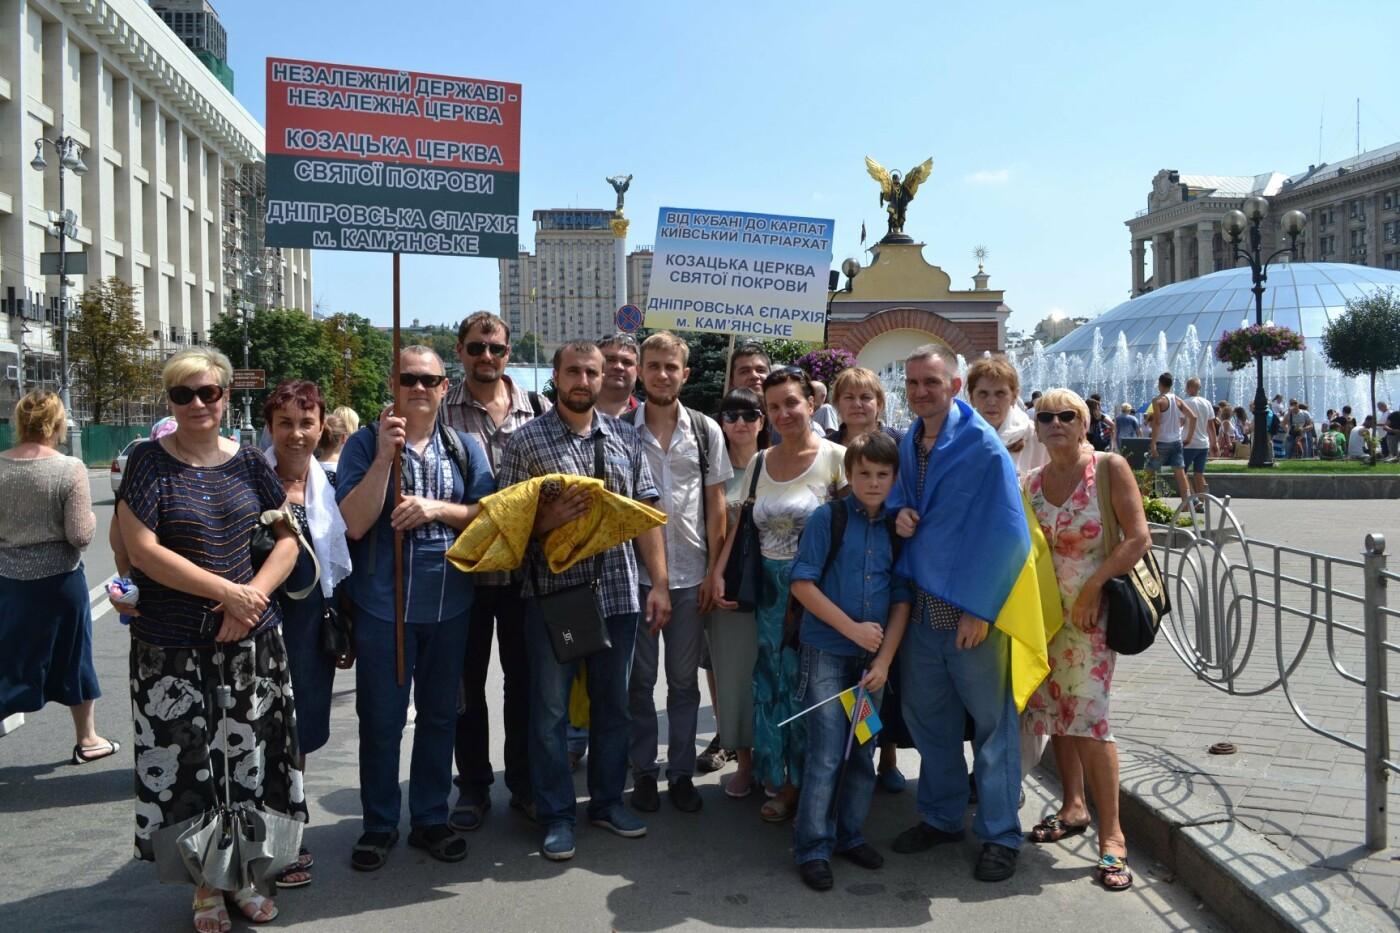 Каменчане поучаствовали в крестном ходе в честь крещения Руси-Украины (ФОТО), фото-10